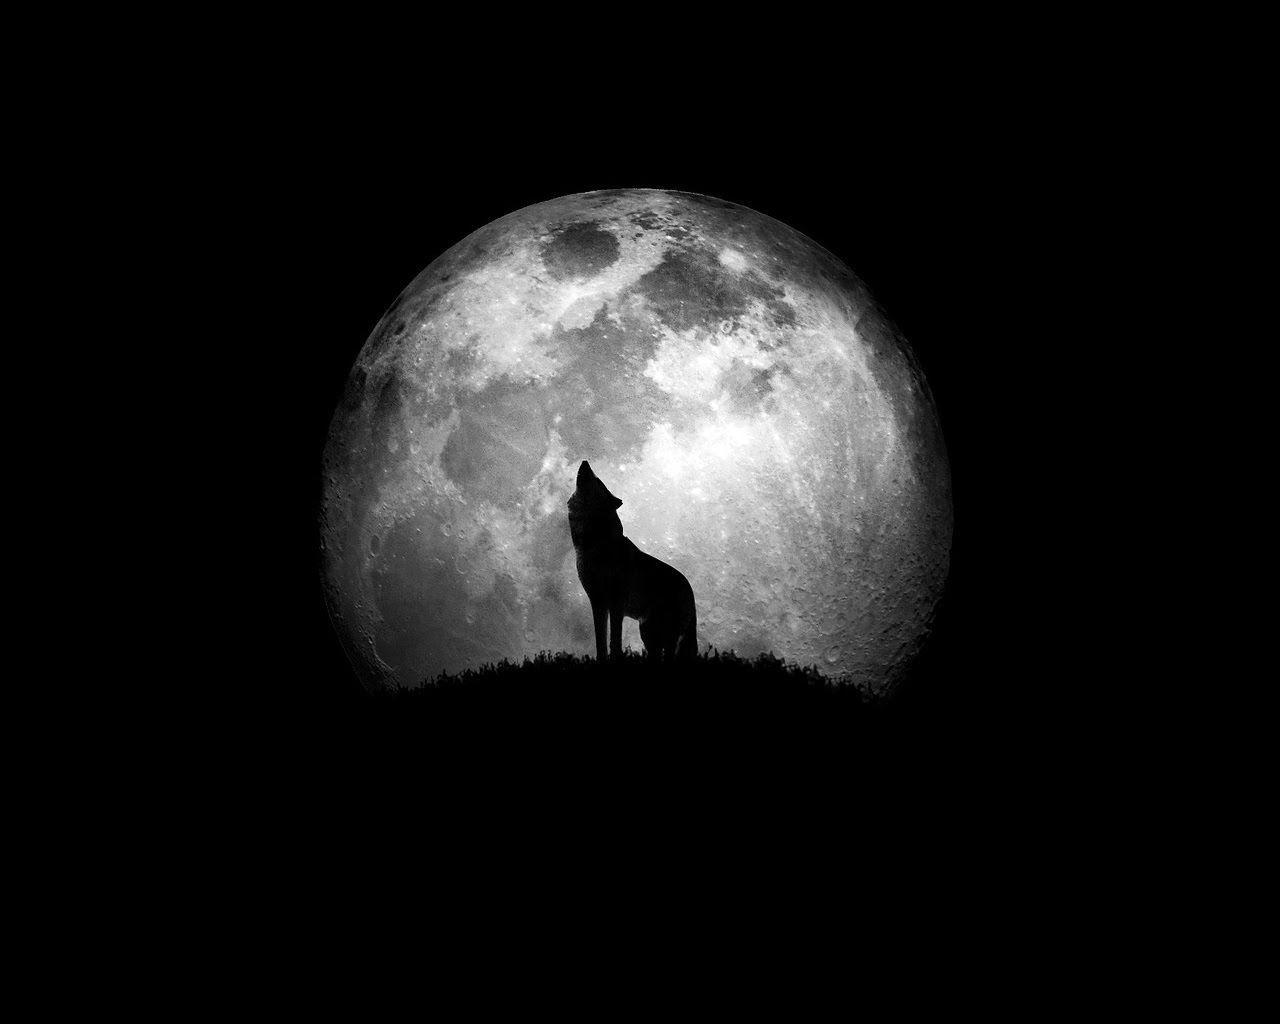 ¿Qué están haciendo los lobos cuando aúllan a la luna?